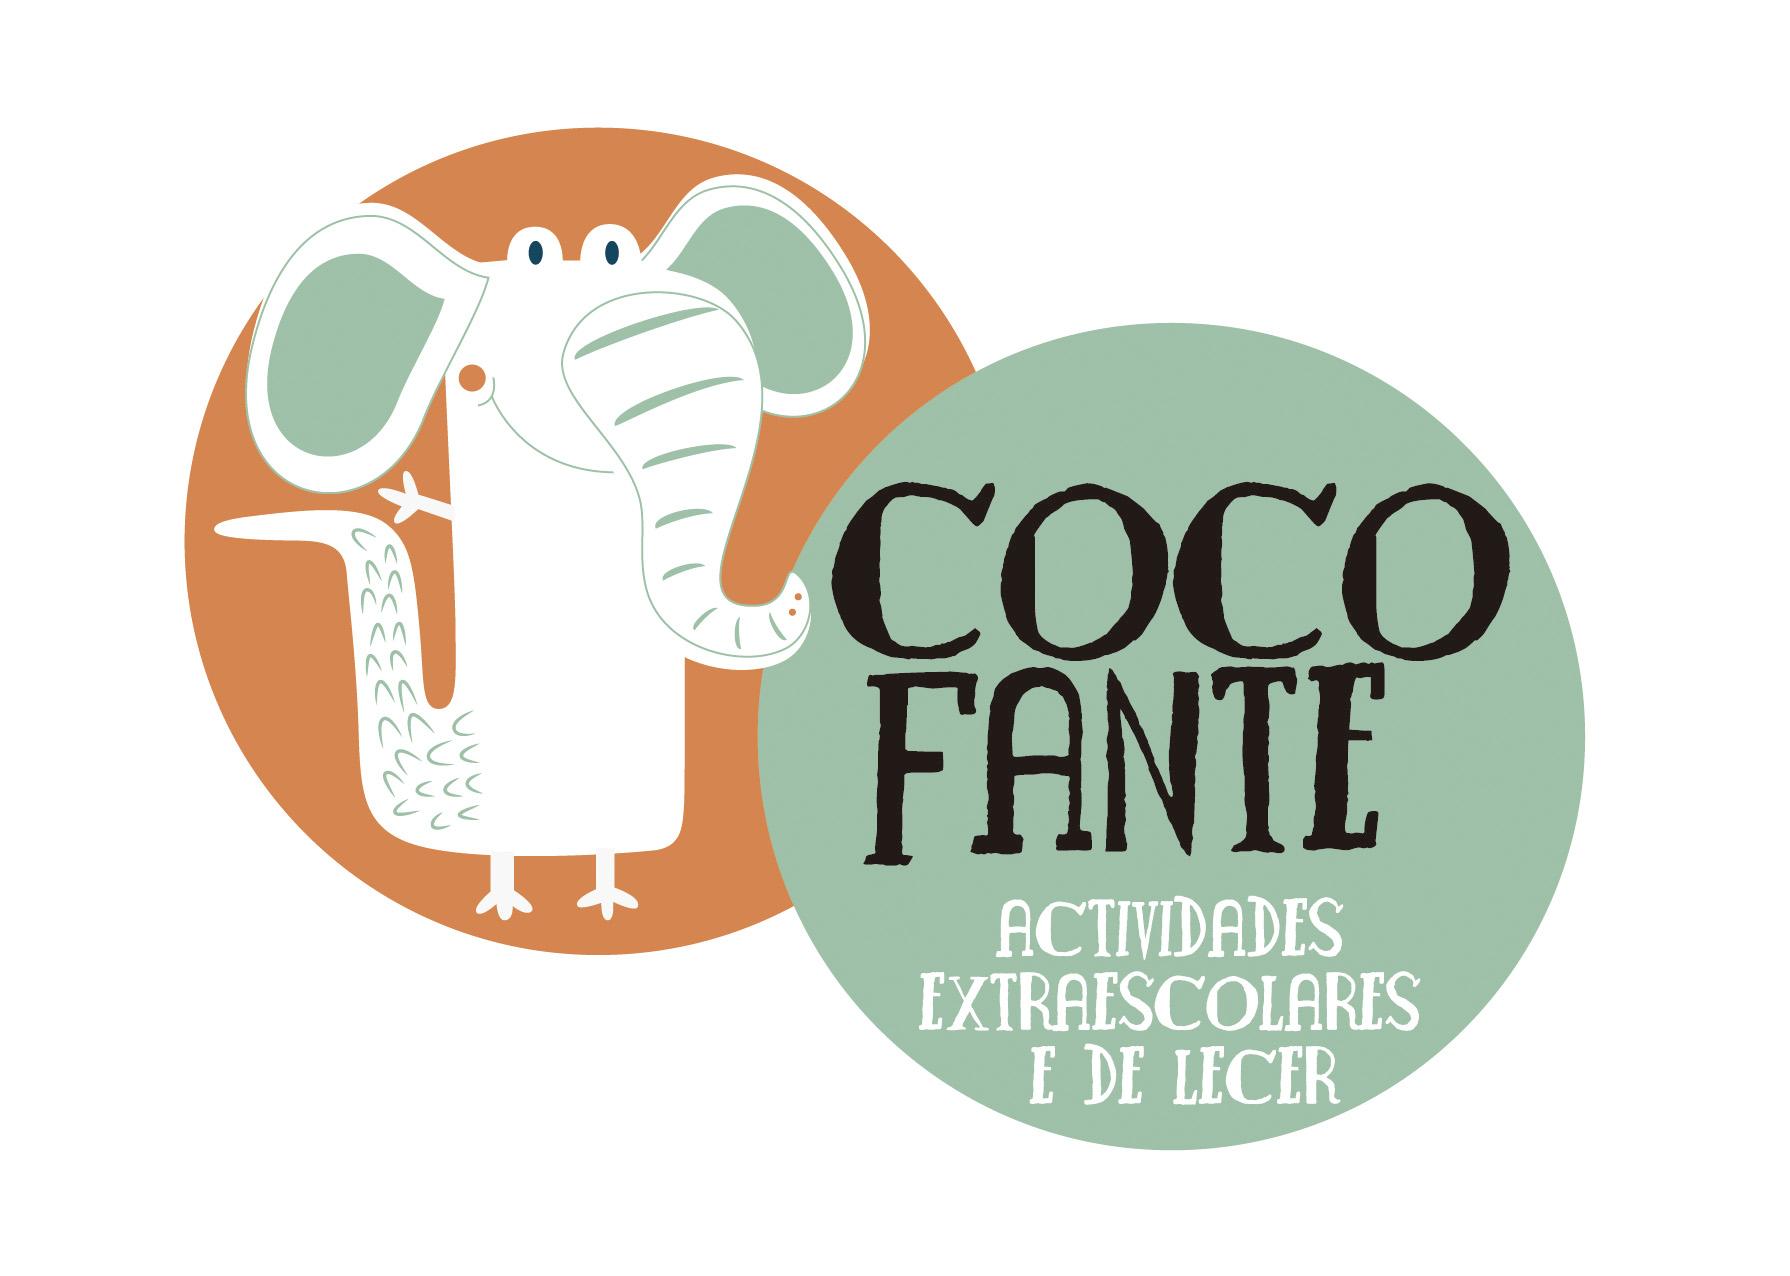 Cocofante